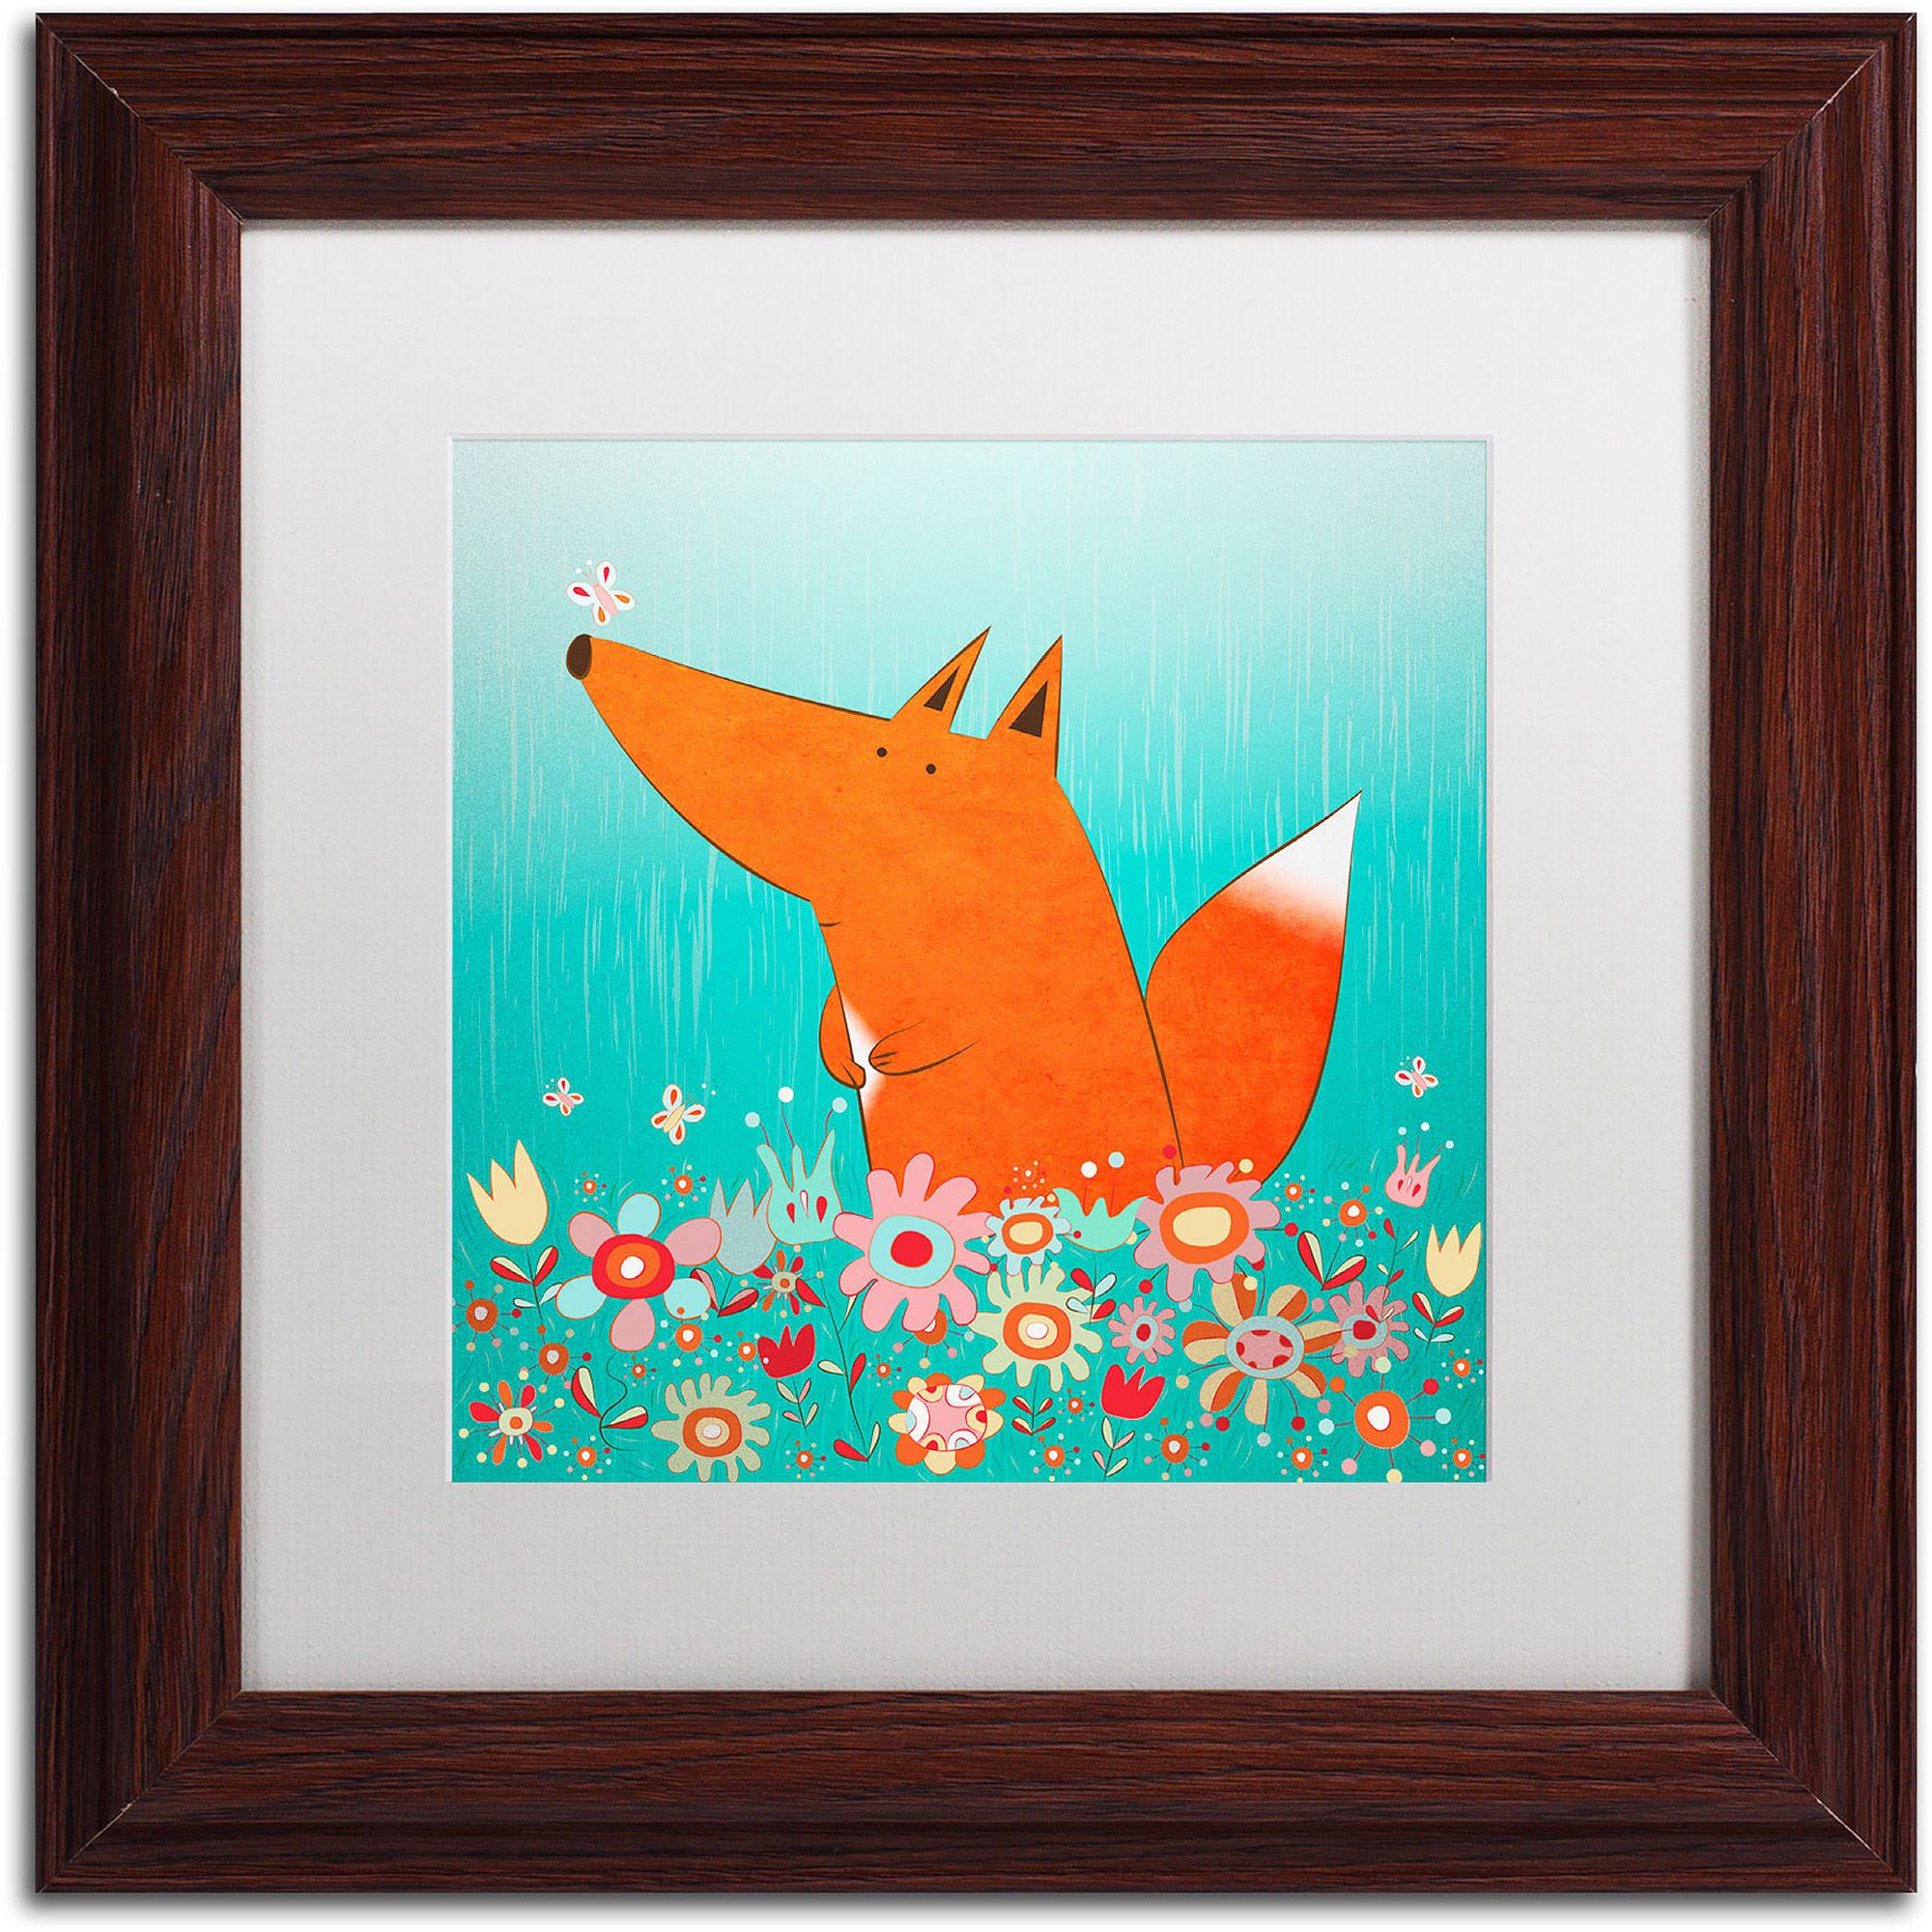 """Trademark Fine Art """"Fox in Flowers"""" Canvas Art by Carla Martell, White Matte, Wood Frame"""